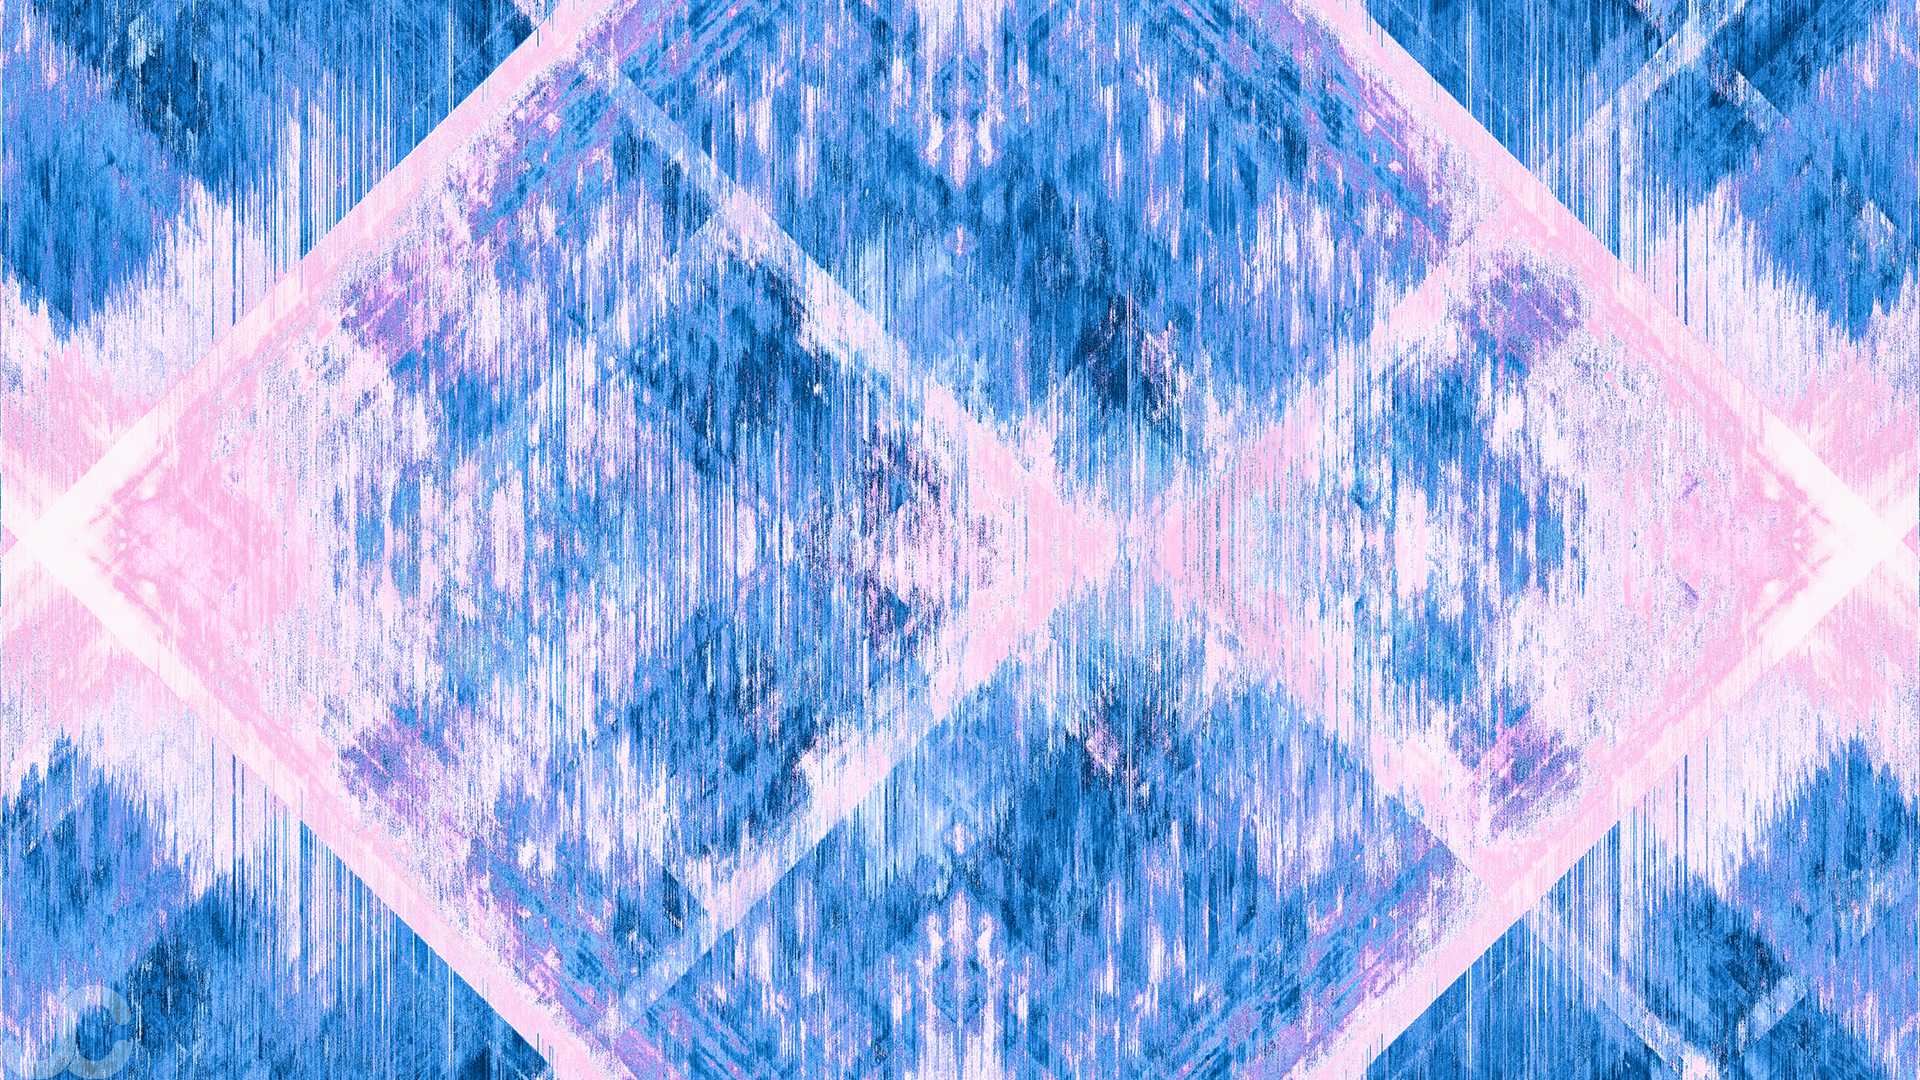 Prism3.jpg